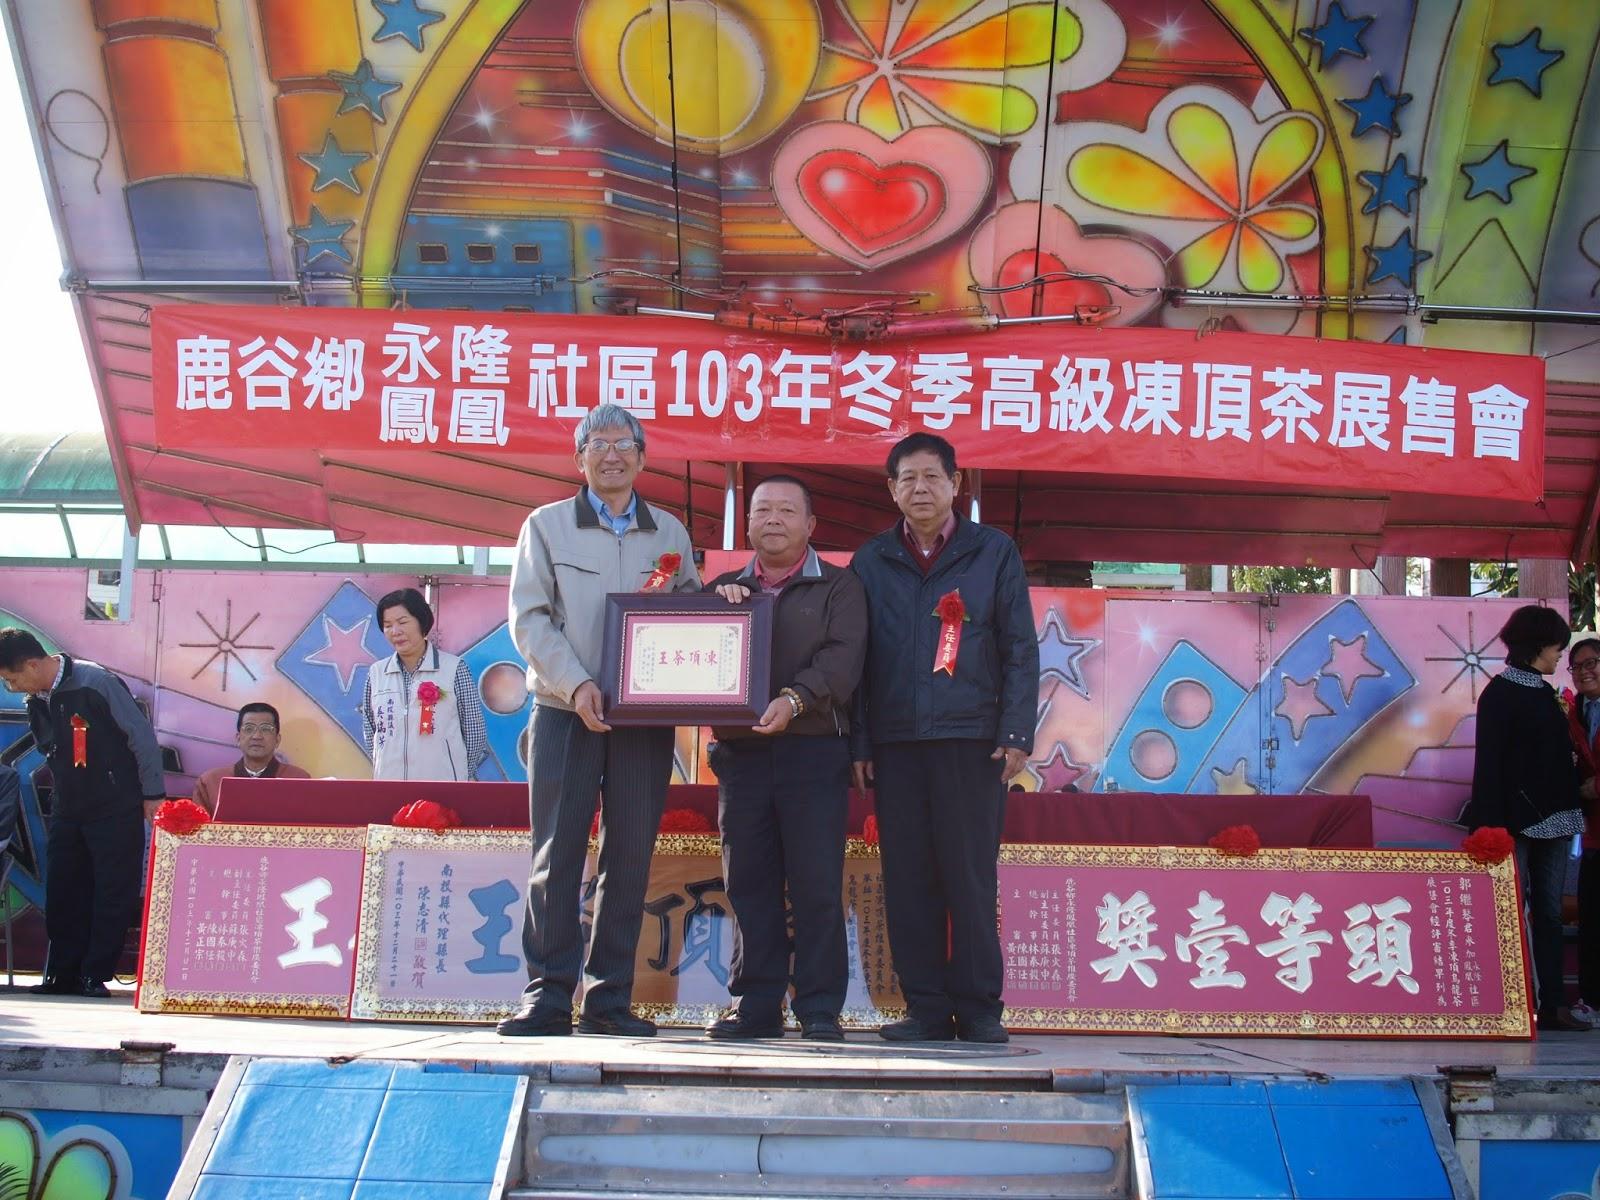 103冬茶 永隆鳳凰社區比賽茶